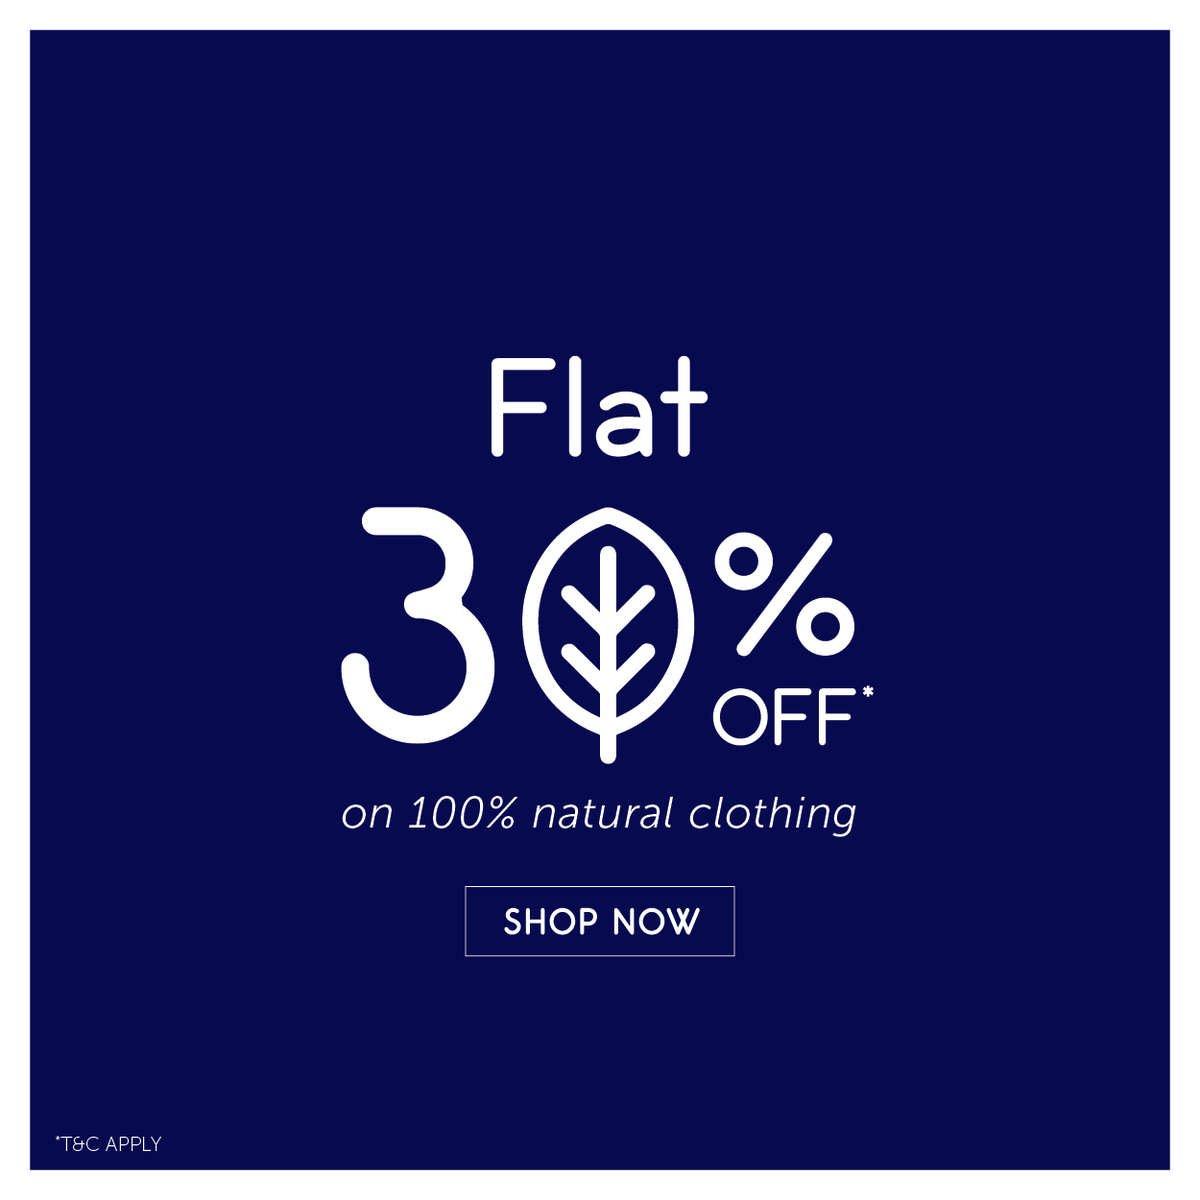 Flat 30% Off